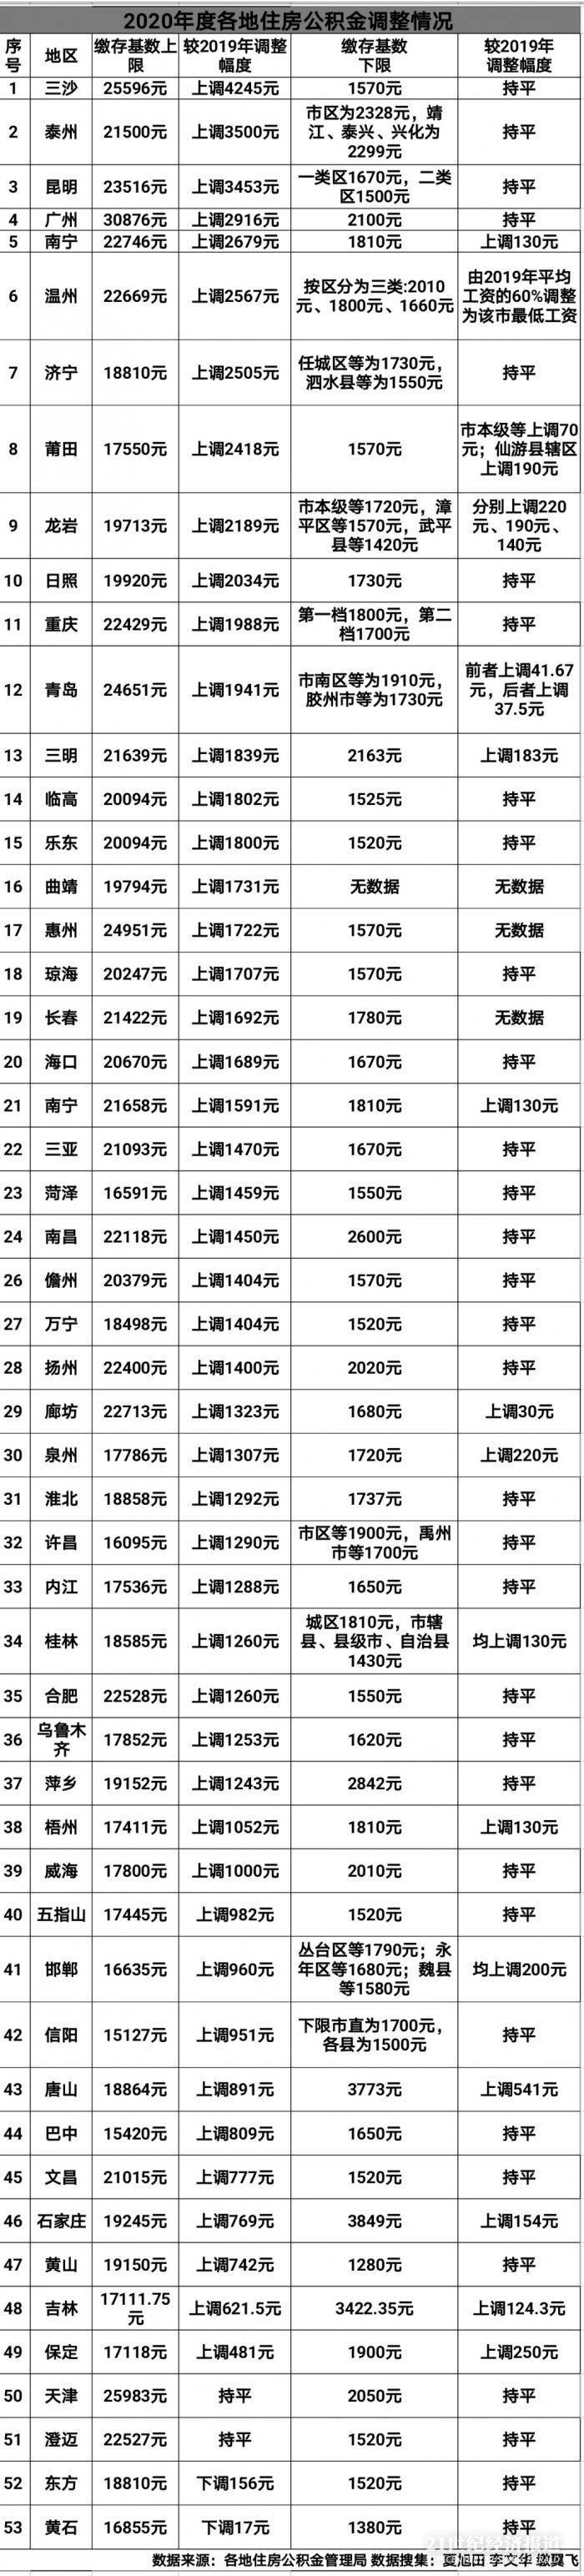 广州、天津等53城住房公积金大调整:缴费基数最高上调4245元